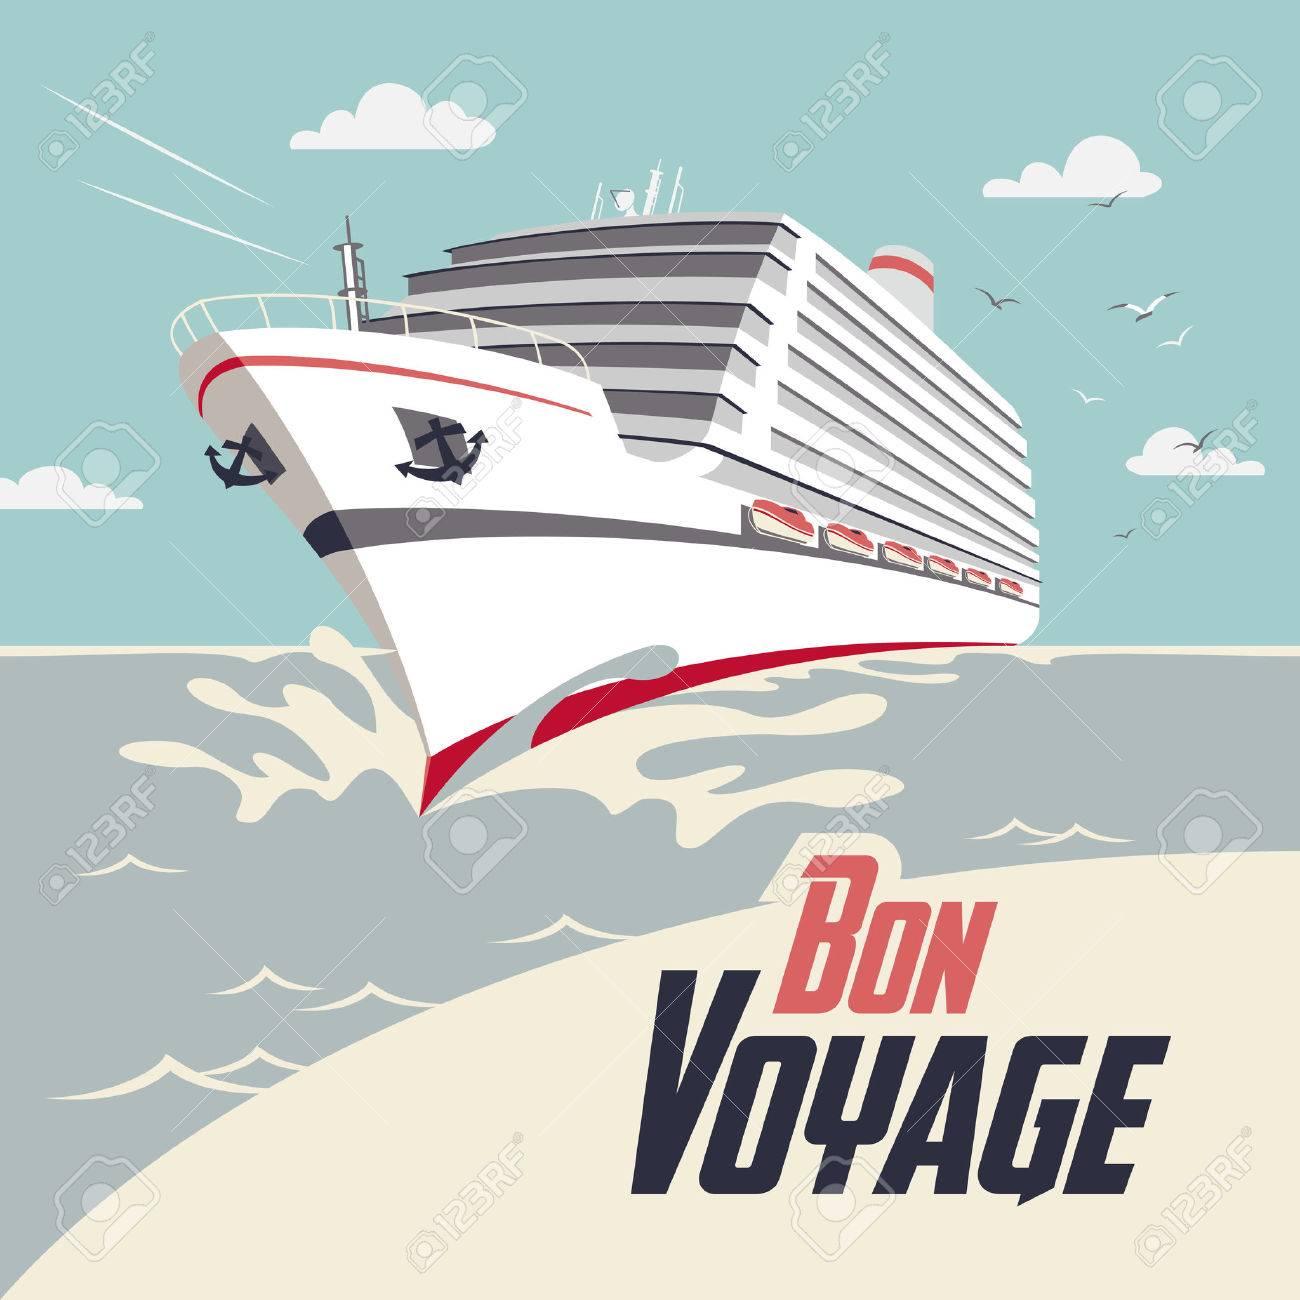 Cruise ship illustration with Bon Voyage headline - 36942586